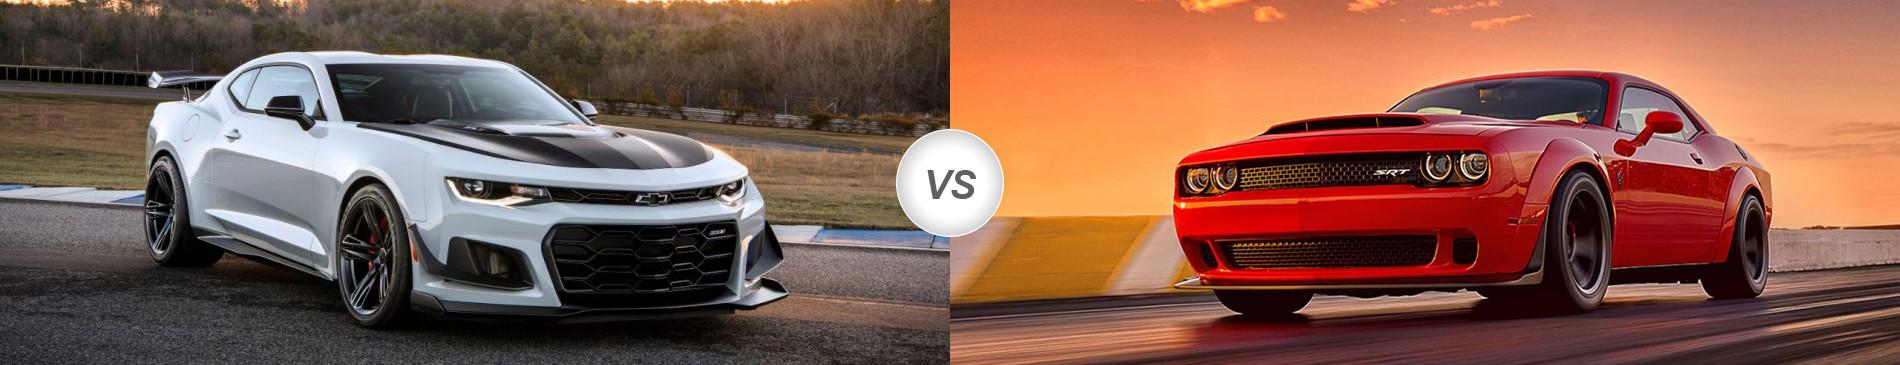 2018 Chevy Camaro Zl1 1le Vs 2018 Dodge Challenger Demon Compare